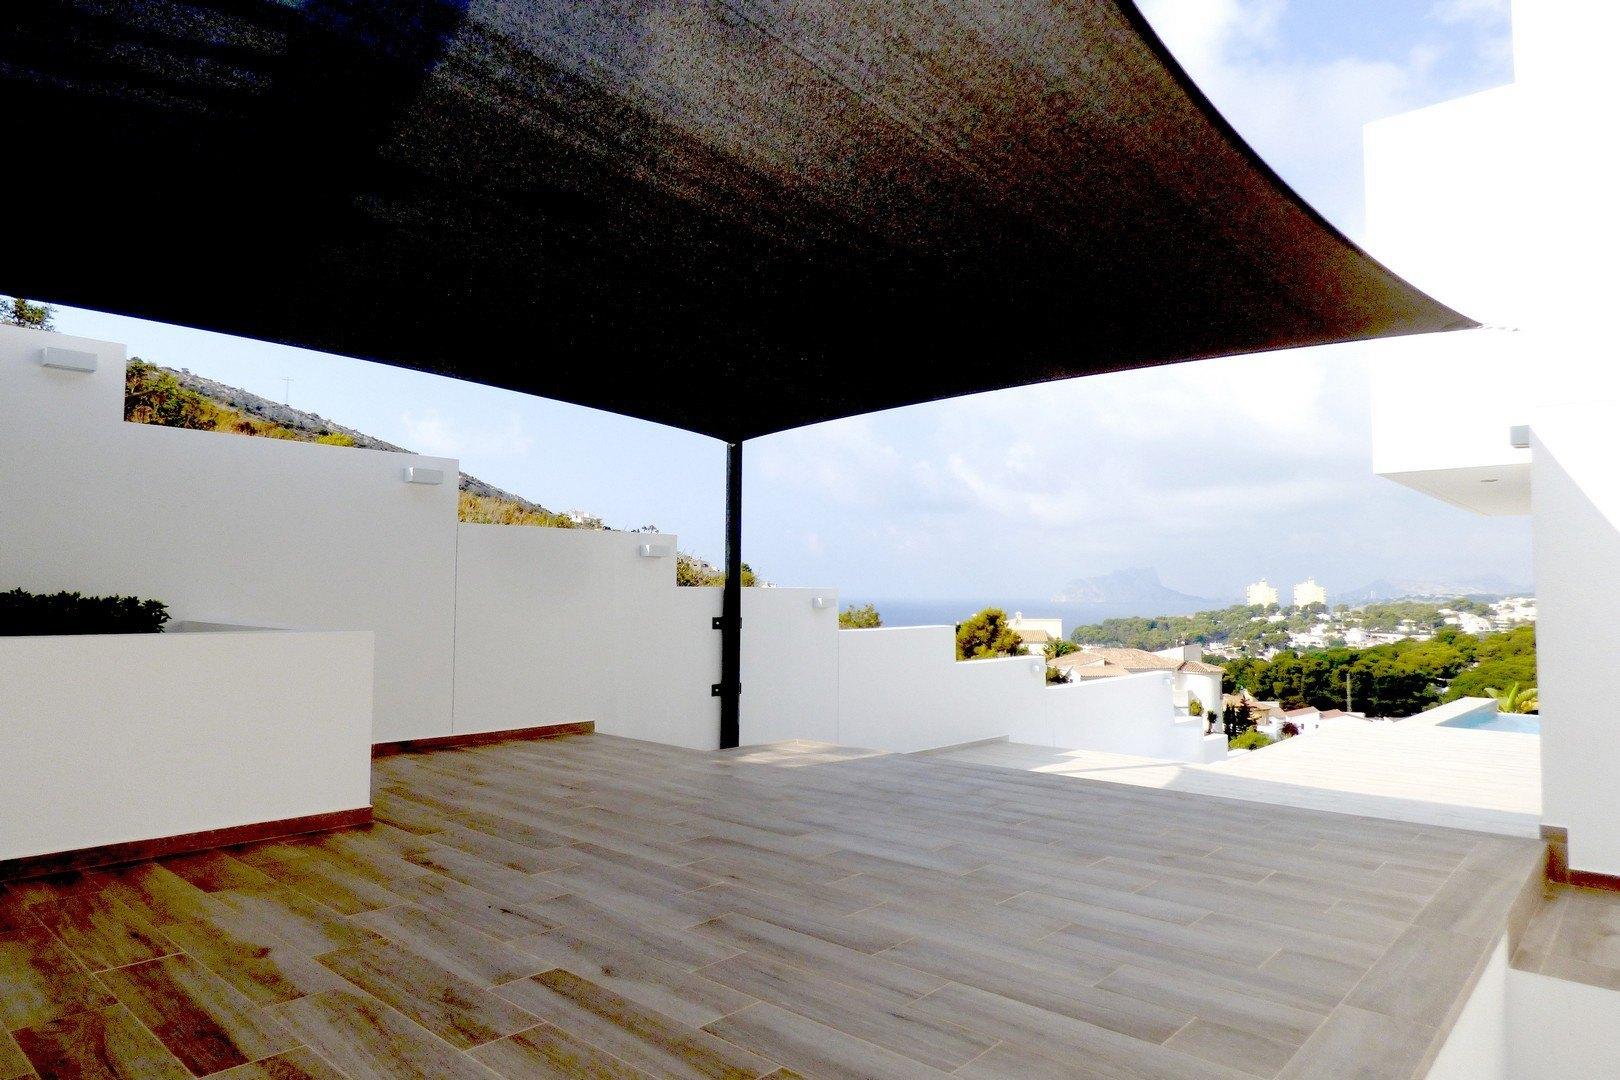 Fotogallerij - 8 - Build a villa in Moraira: villas for sale in Moraira